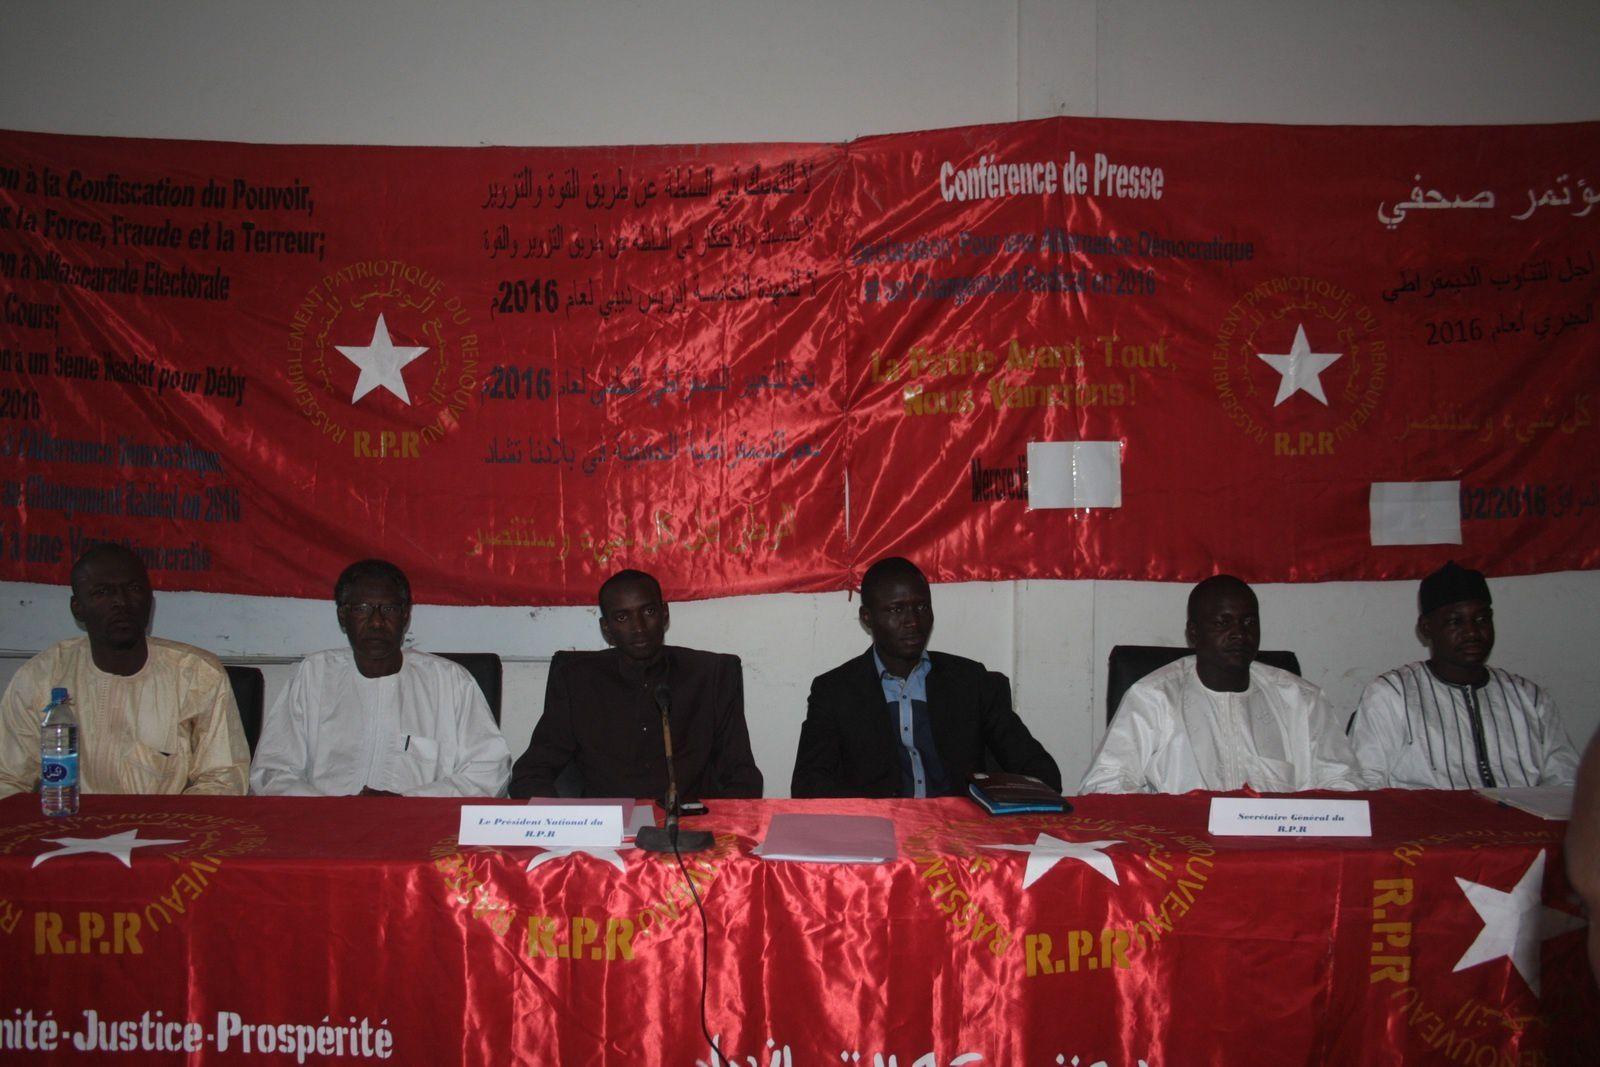 Tchad: le RPR appelle à soutenir le meeting du FONAC prévu le 17 novembre 2016